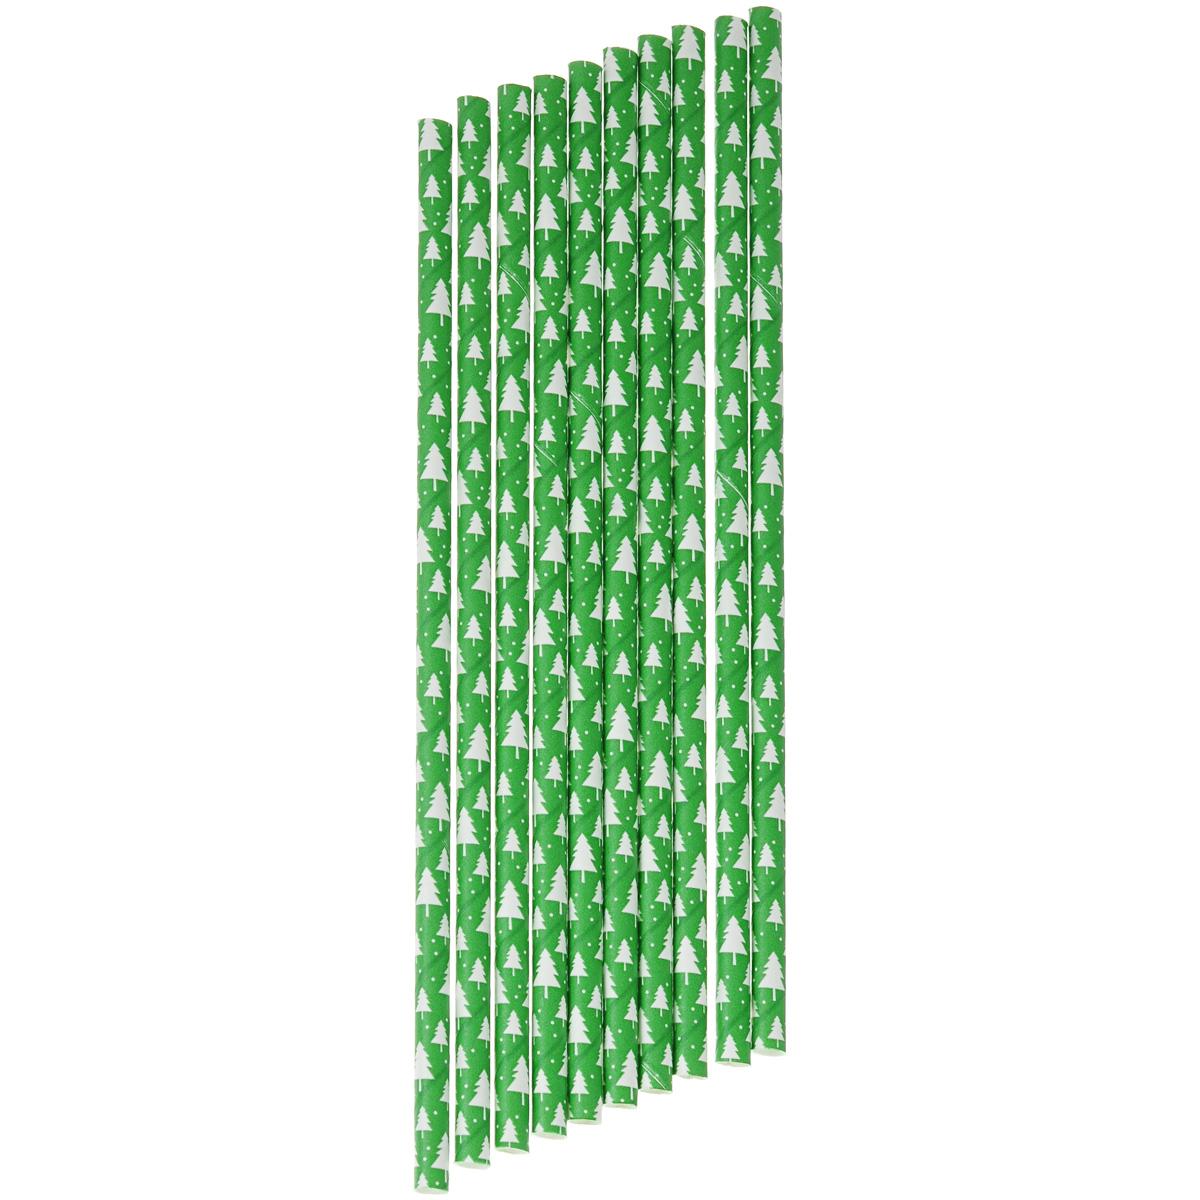 Набор бумажных трубочек Dolce Arti Лесной мотив, цвет: зеленый, 10 штDA040258Набор Dolce Arti Лесной мотив состоит из 10 бумажных трубочек, предназначенных для напитков. Цветные трубочки станут не только эффектным украшением коктейлей, но и ярким штрихом вашего сладкого стола. С набором Dolce Arti Лесной мотив ваш праздник станет по-настоящему красочным! Длина трубочки: 19,5 см. Диаметр трубочки: 5 мм.